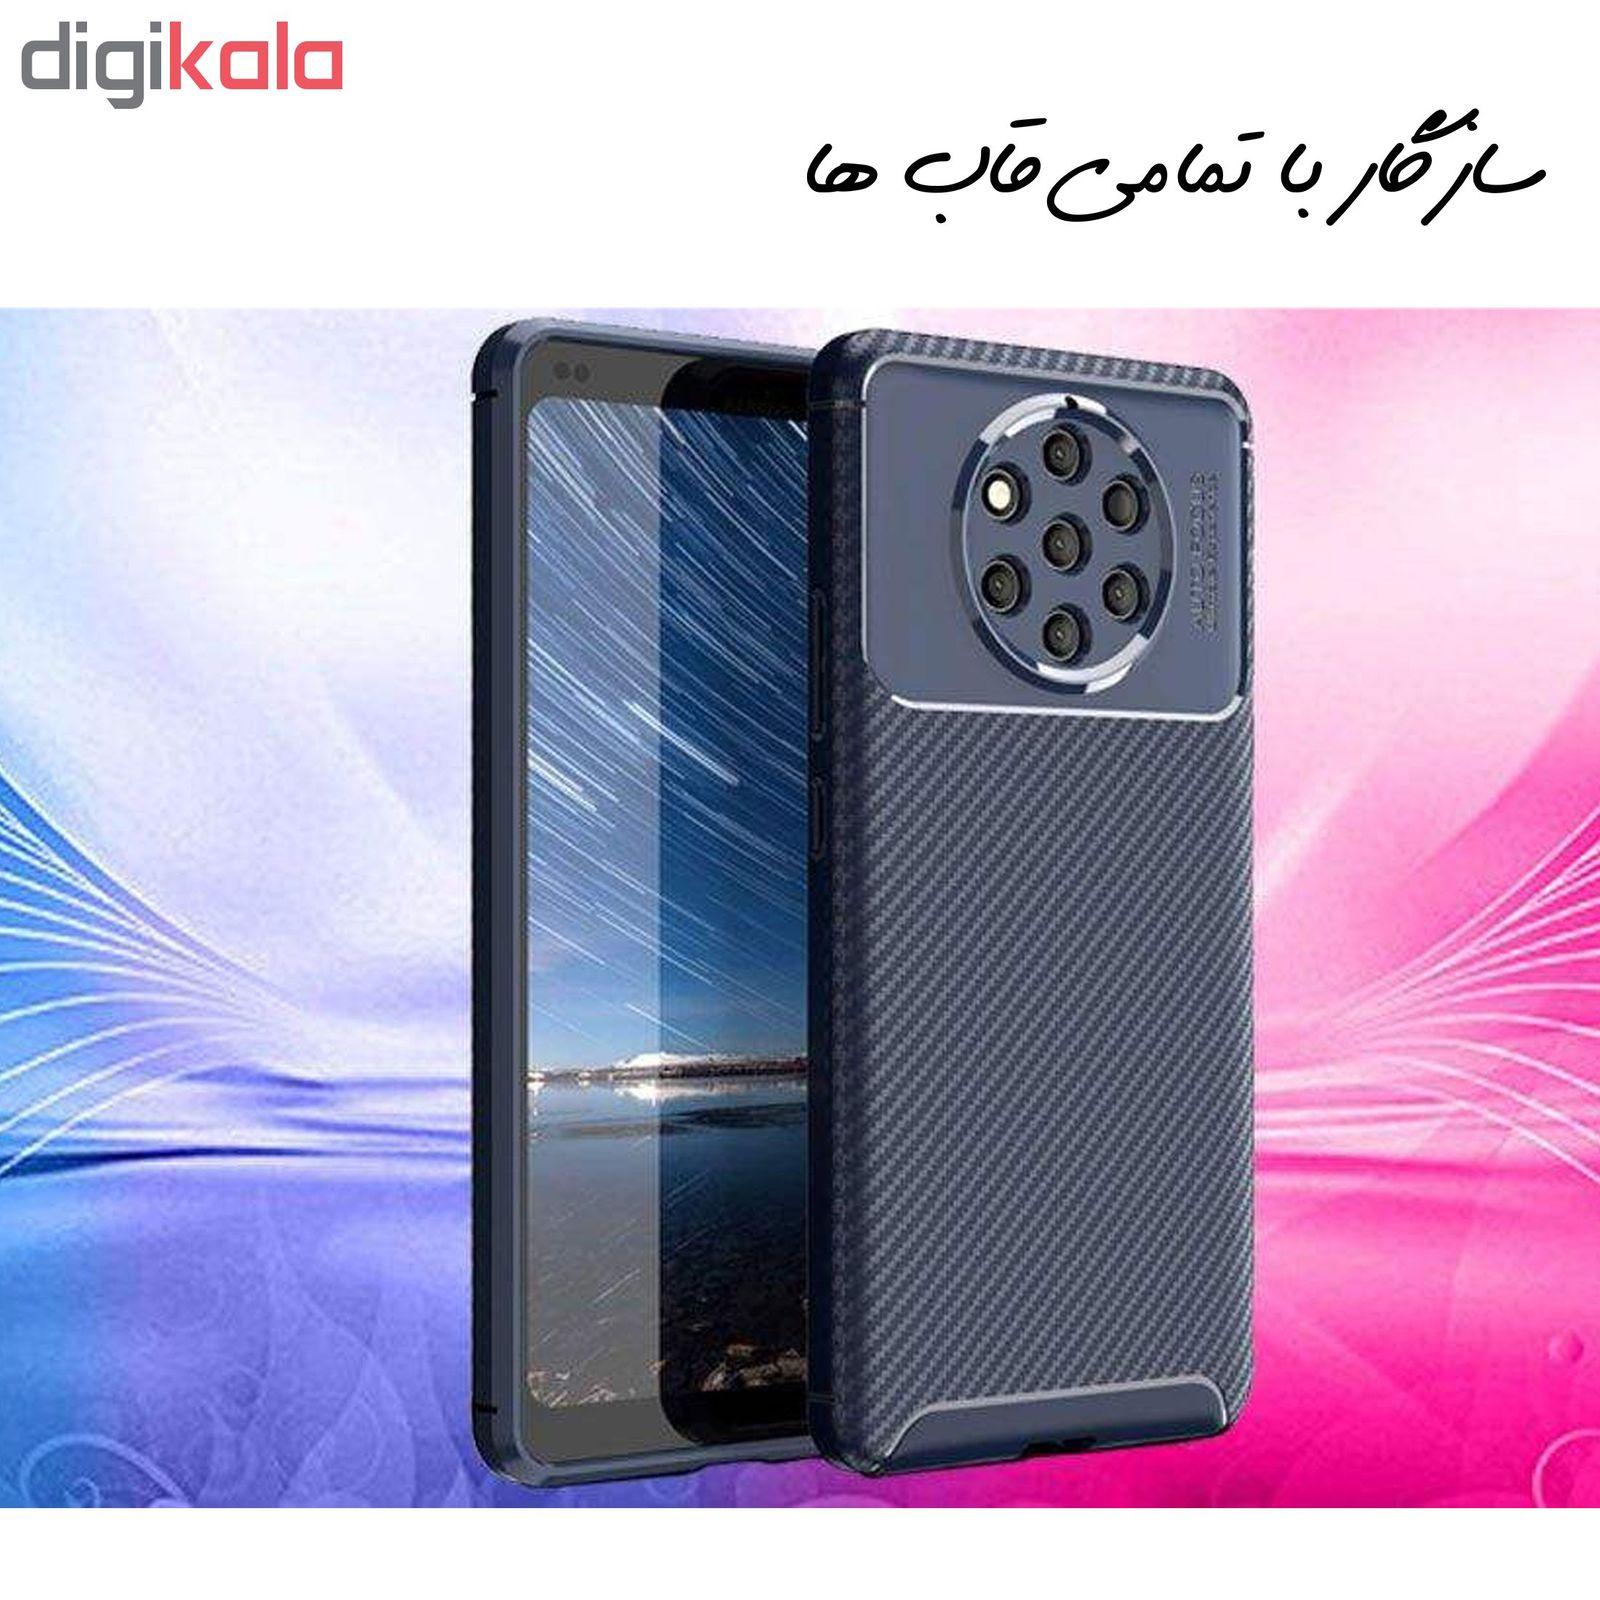 محافظ صفحه نمایش hard and thick مدل F-001 مناسب برای گوشی موبایل سامسونگ Galaxy A70 بسته دو عددی main 1 6